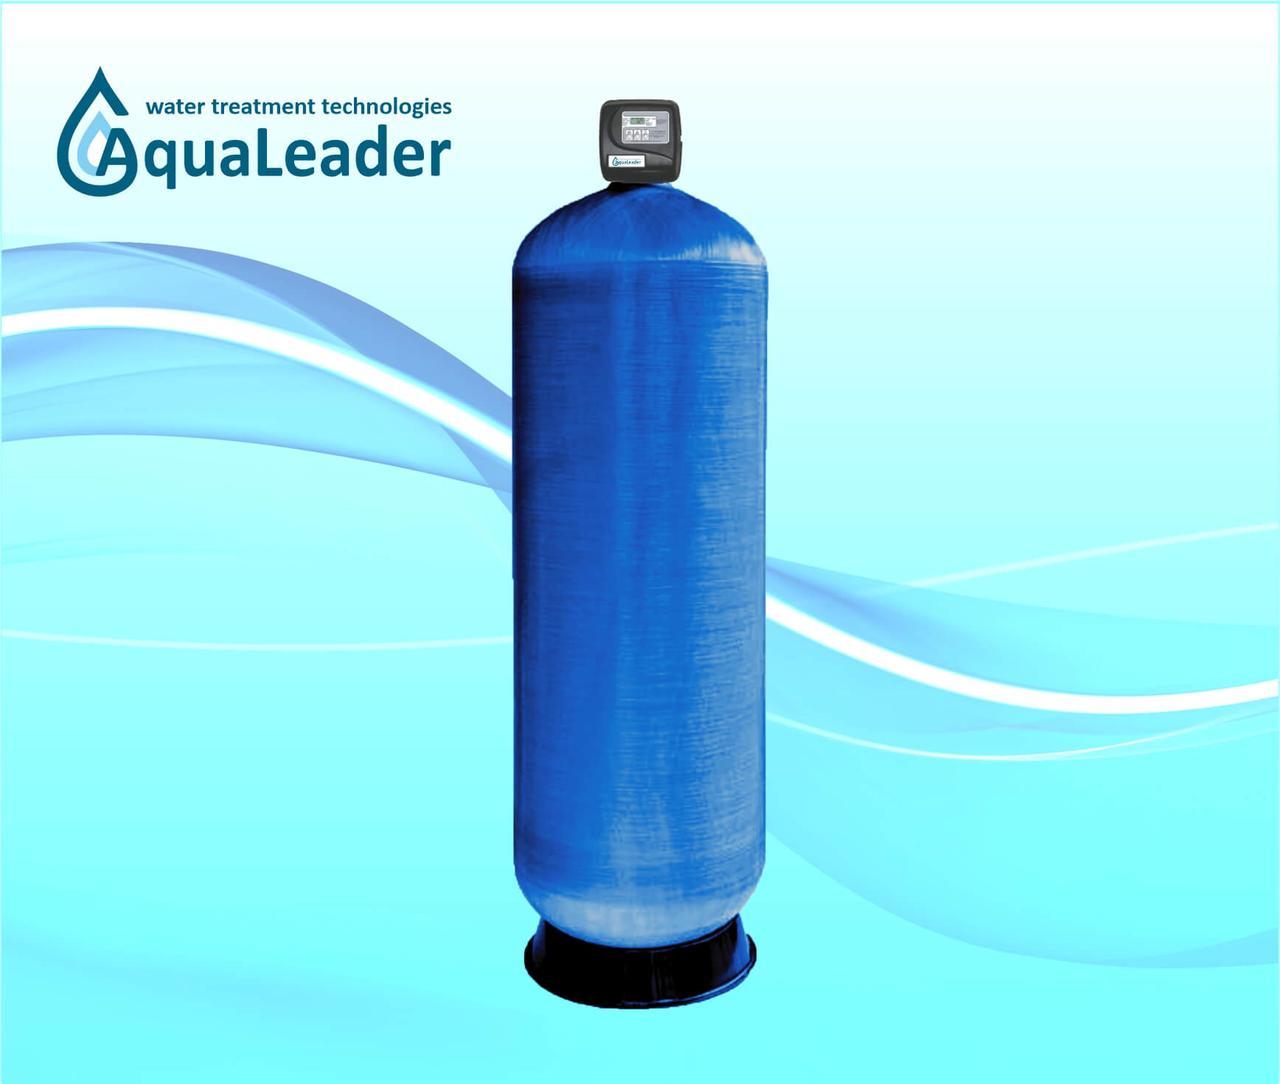 Автоматический фильтр для удаления сероводорода AquaLeader FPHS 1665